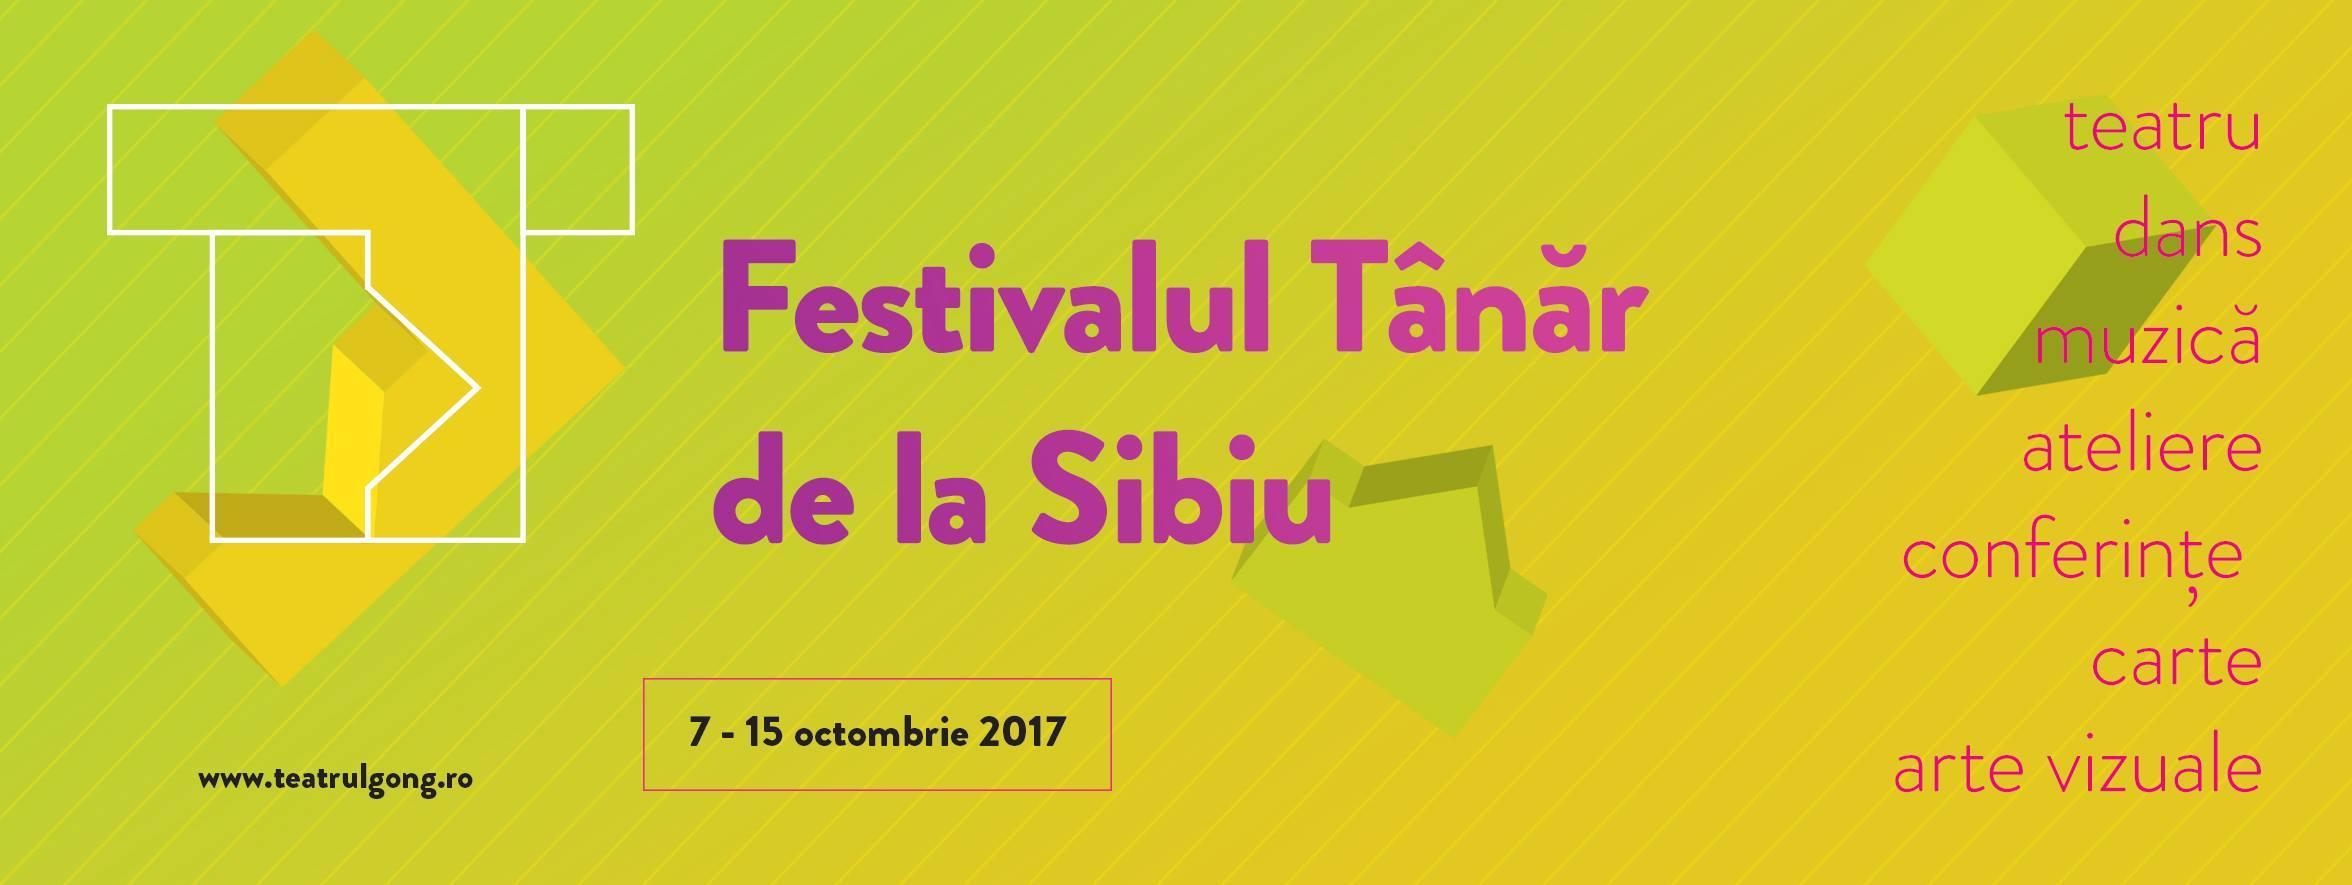 FESTIVALUL TÂNĂR DE LA SIBIU - 2017